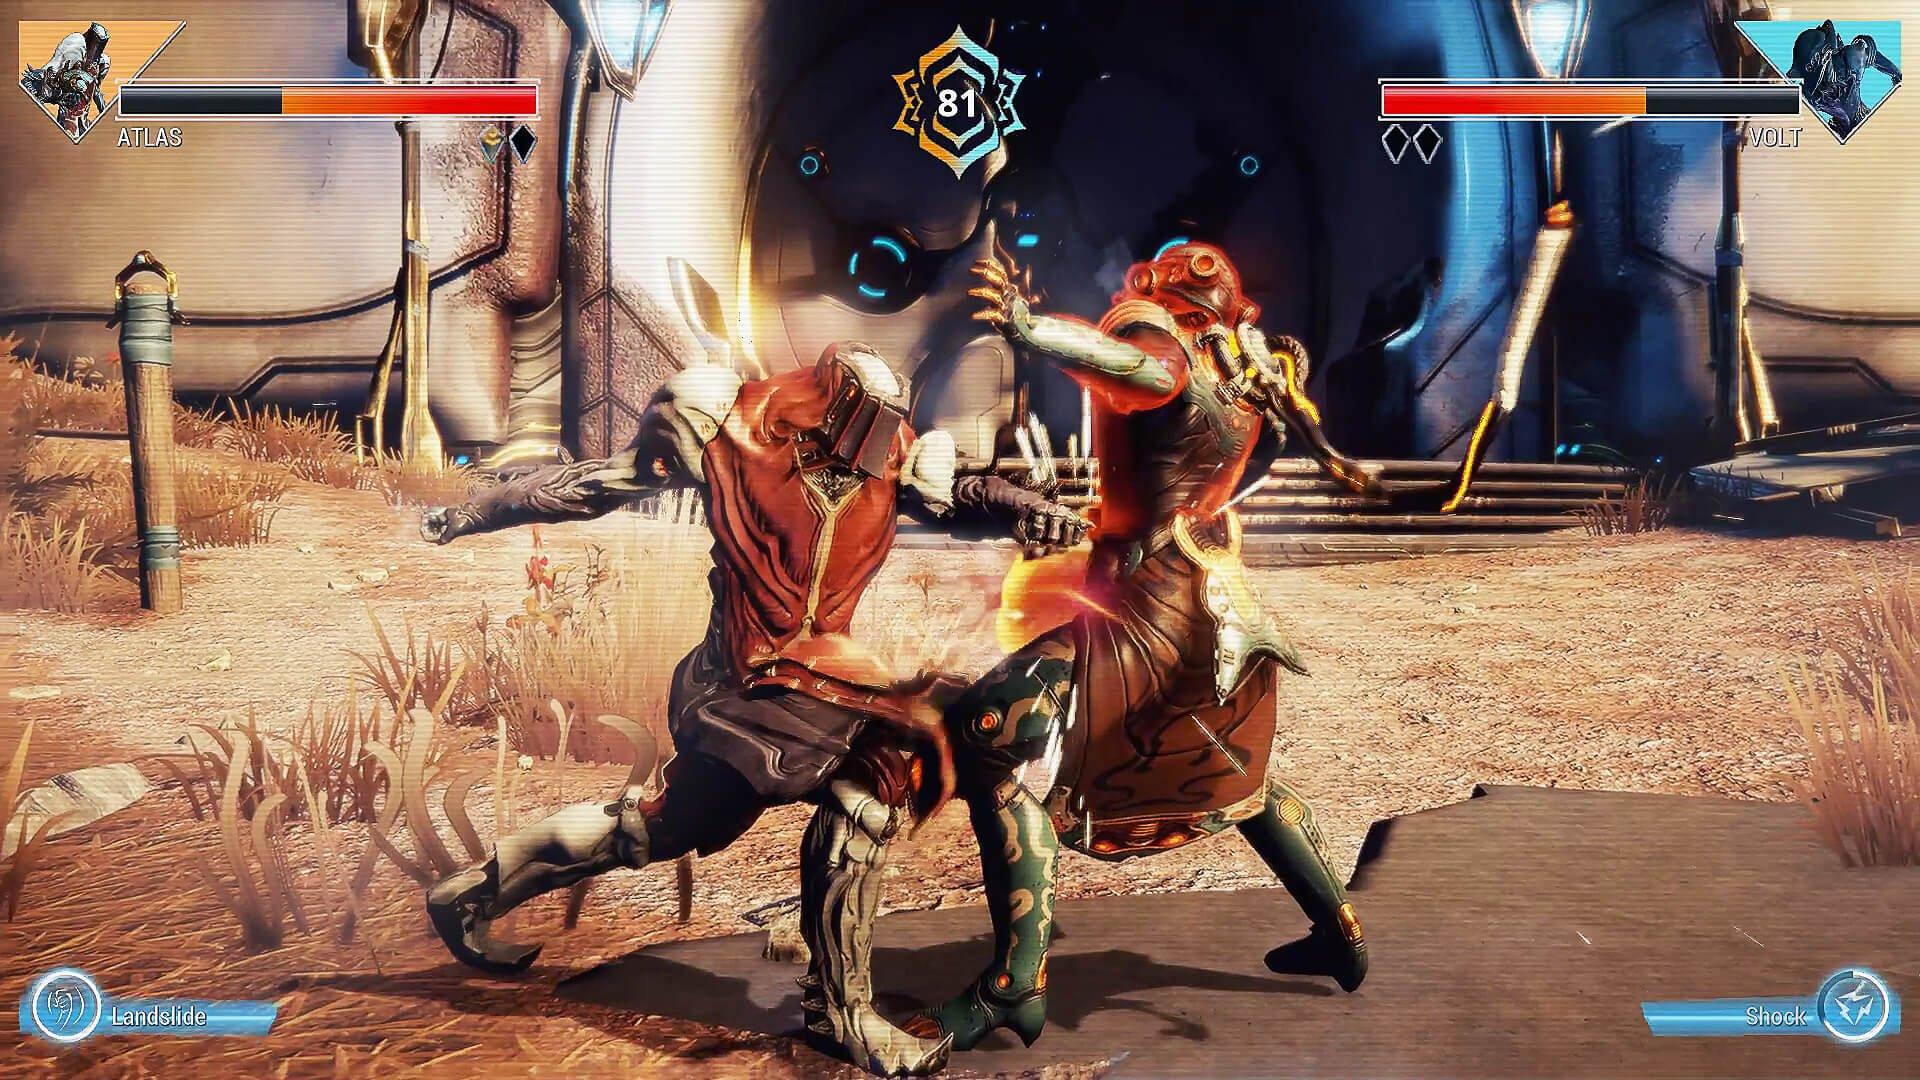 بهروزرسانی جدید Warframe این بازی را به یک عنوان مبارزهای آرکید تبدیل میکند